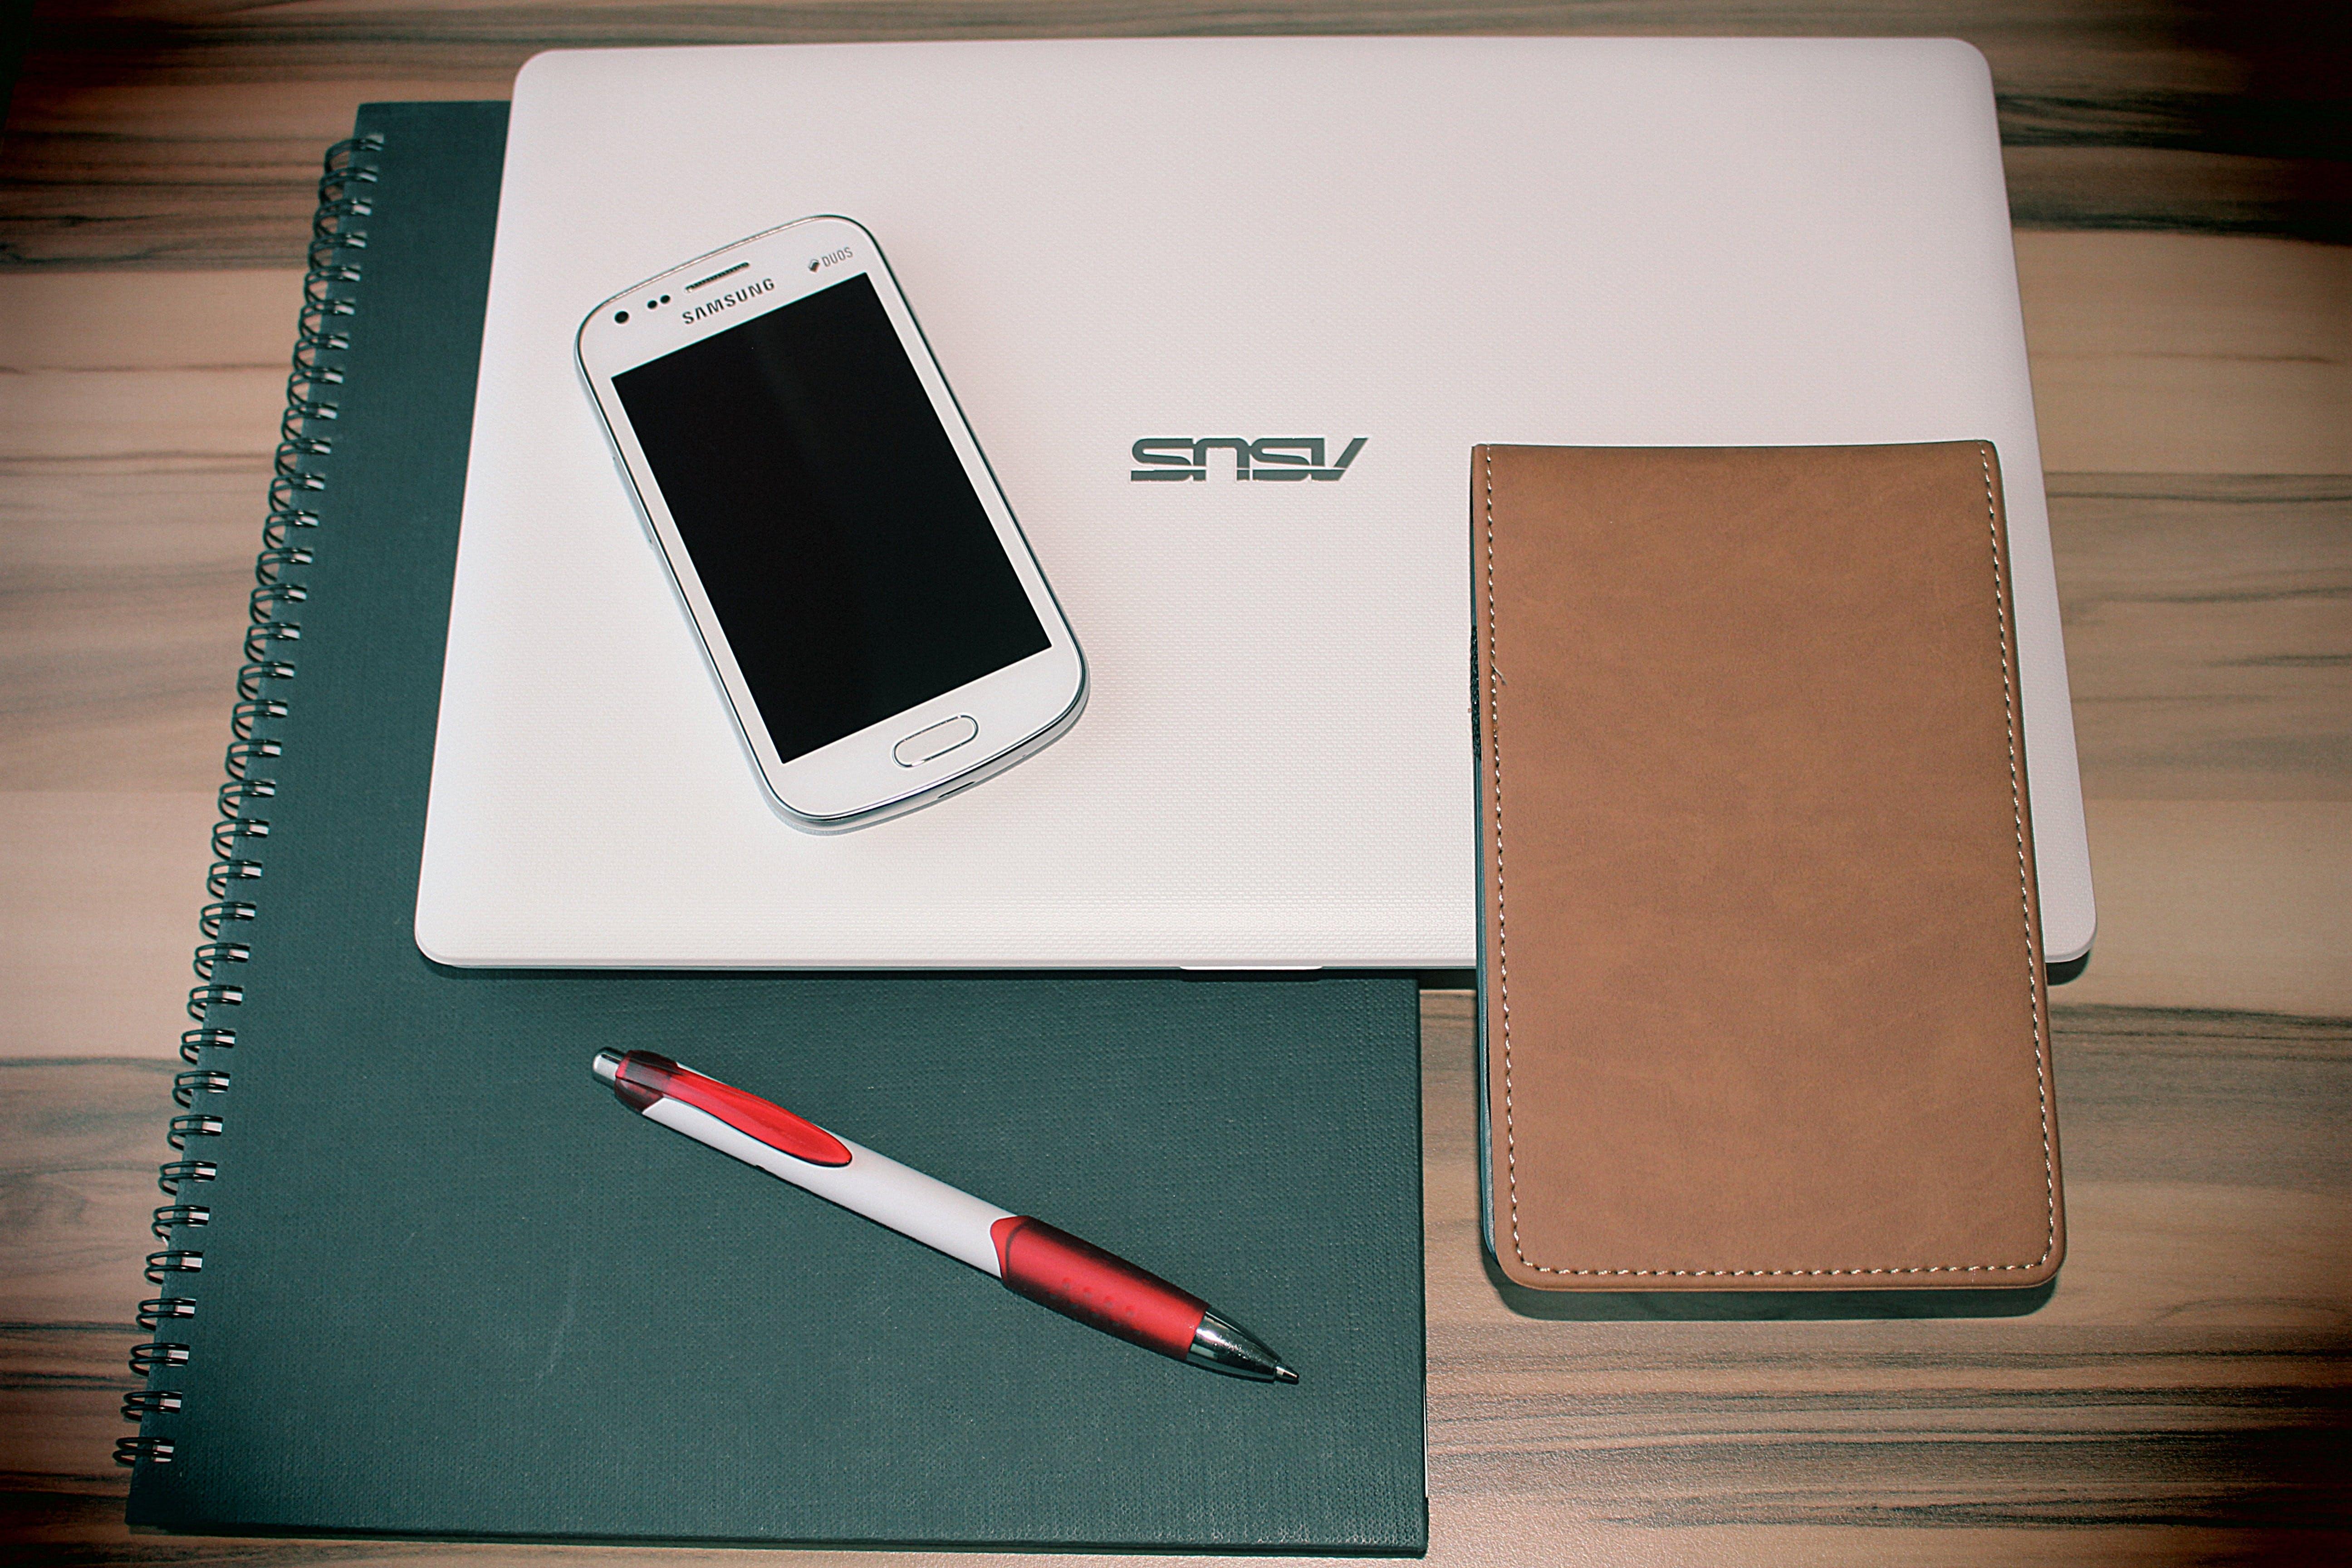 asus, gadgets, laptop